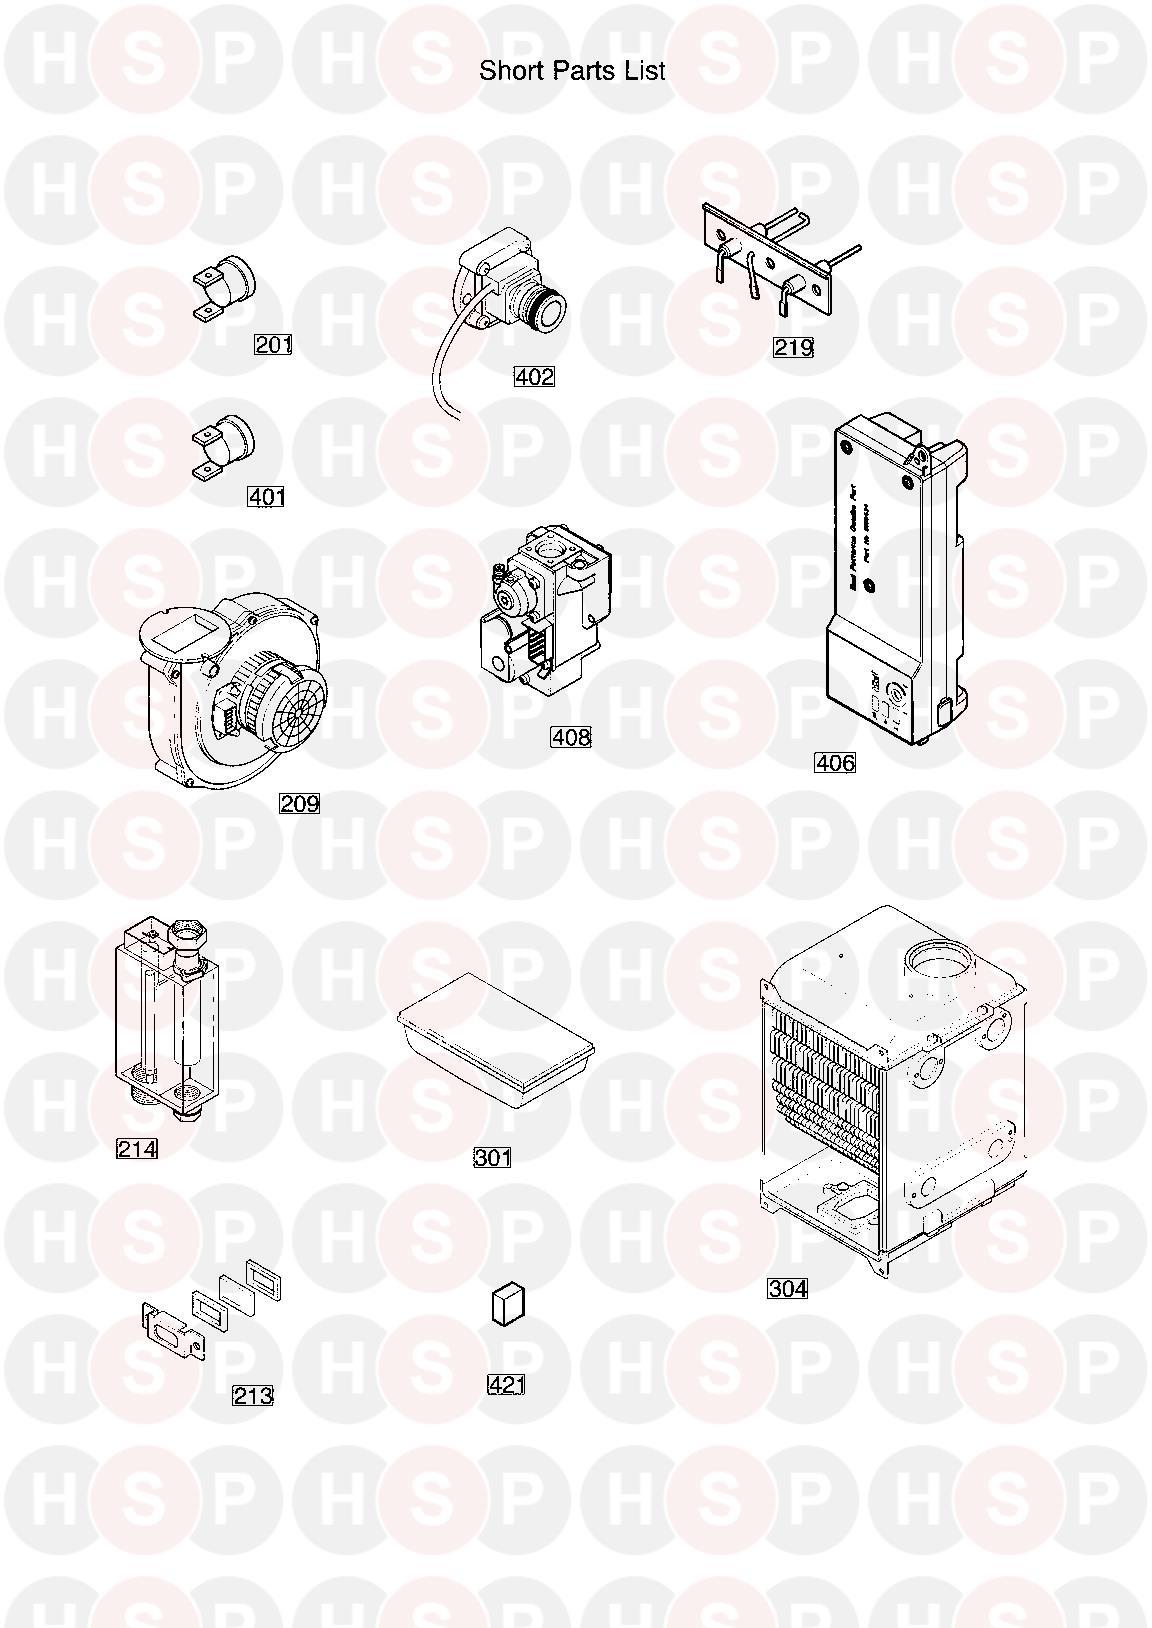 Baxi SOLO 12 HE A Appliance Diagram (SHORT PARTS LIST